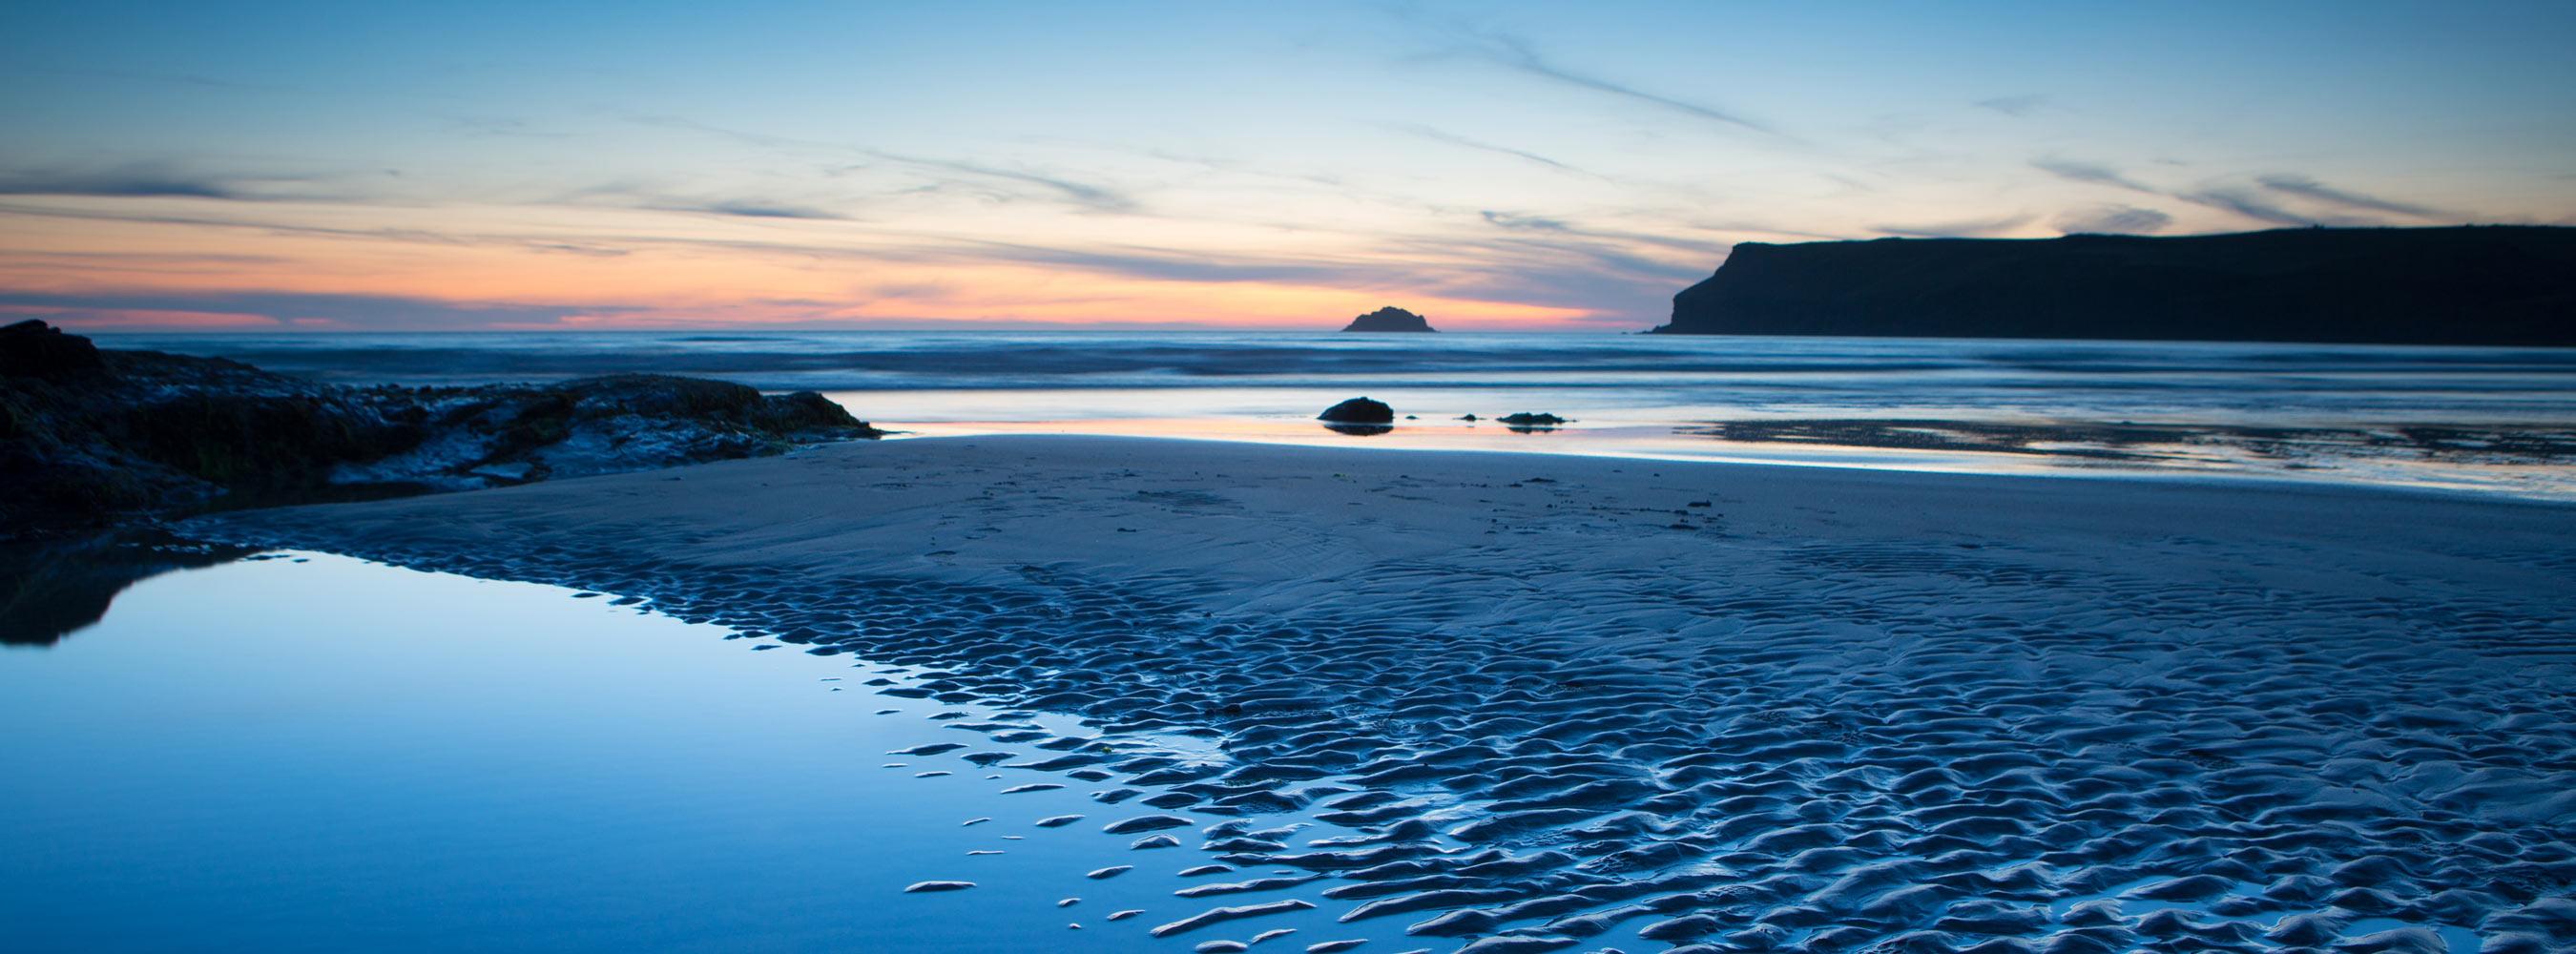 Polzeath Beach Sunet